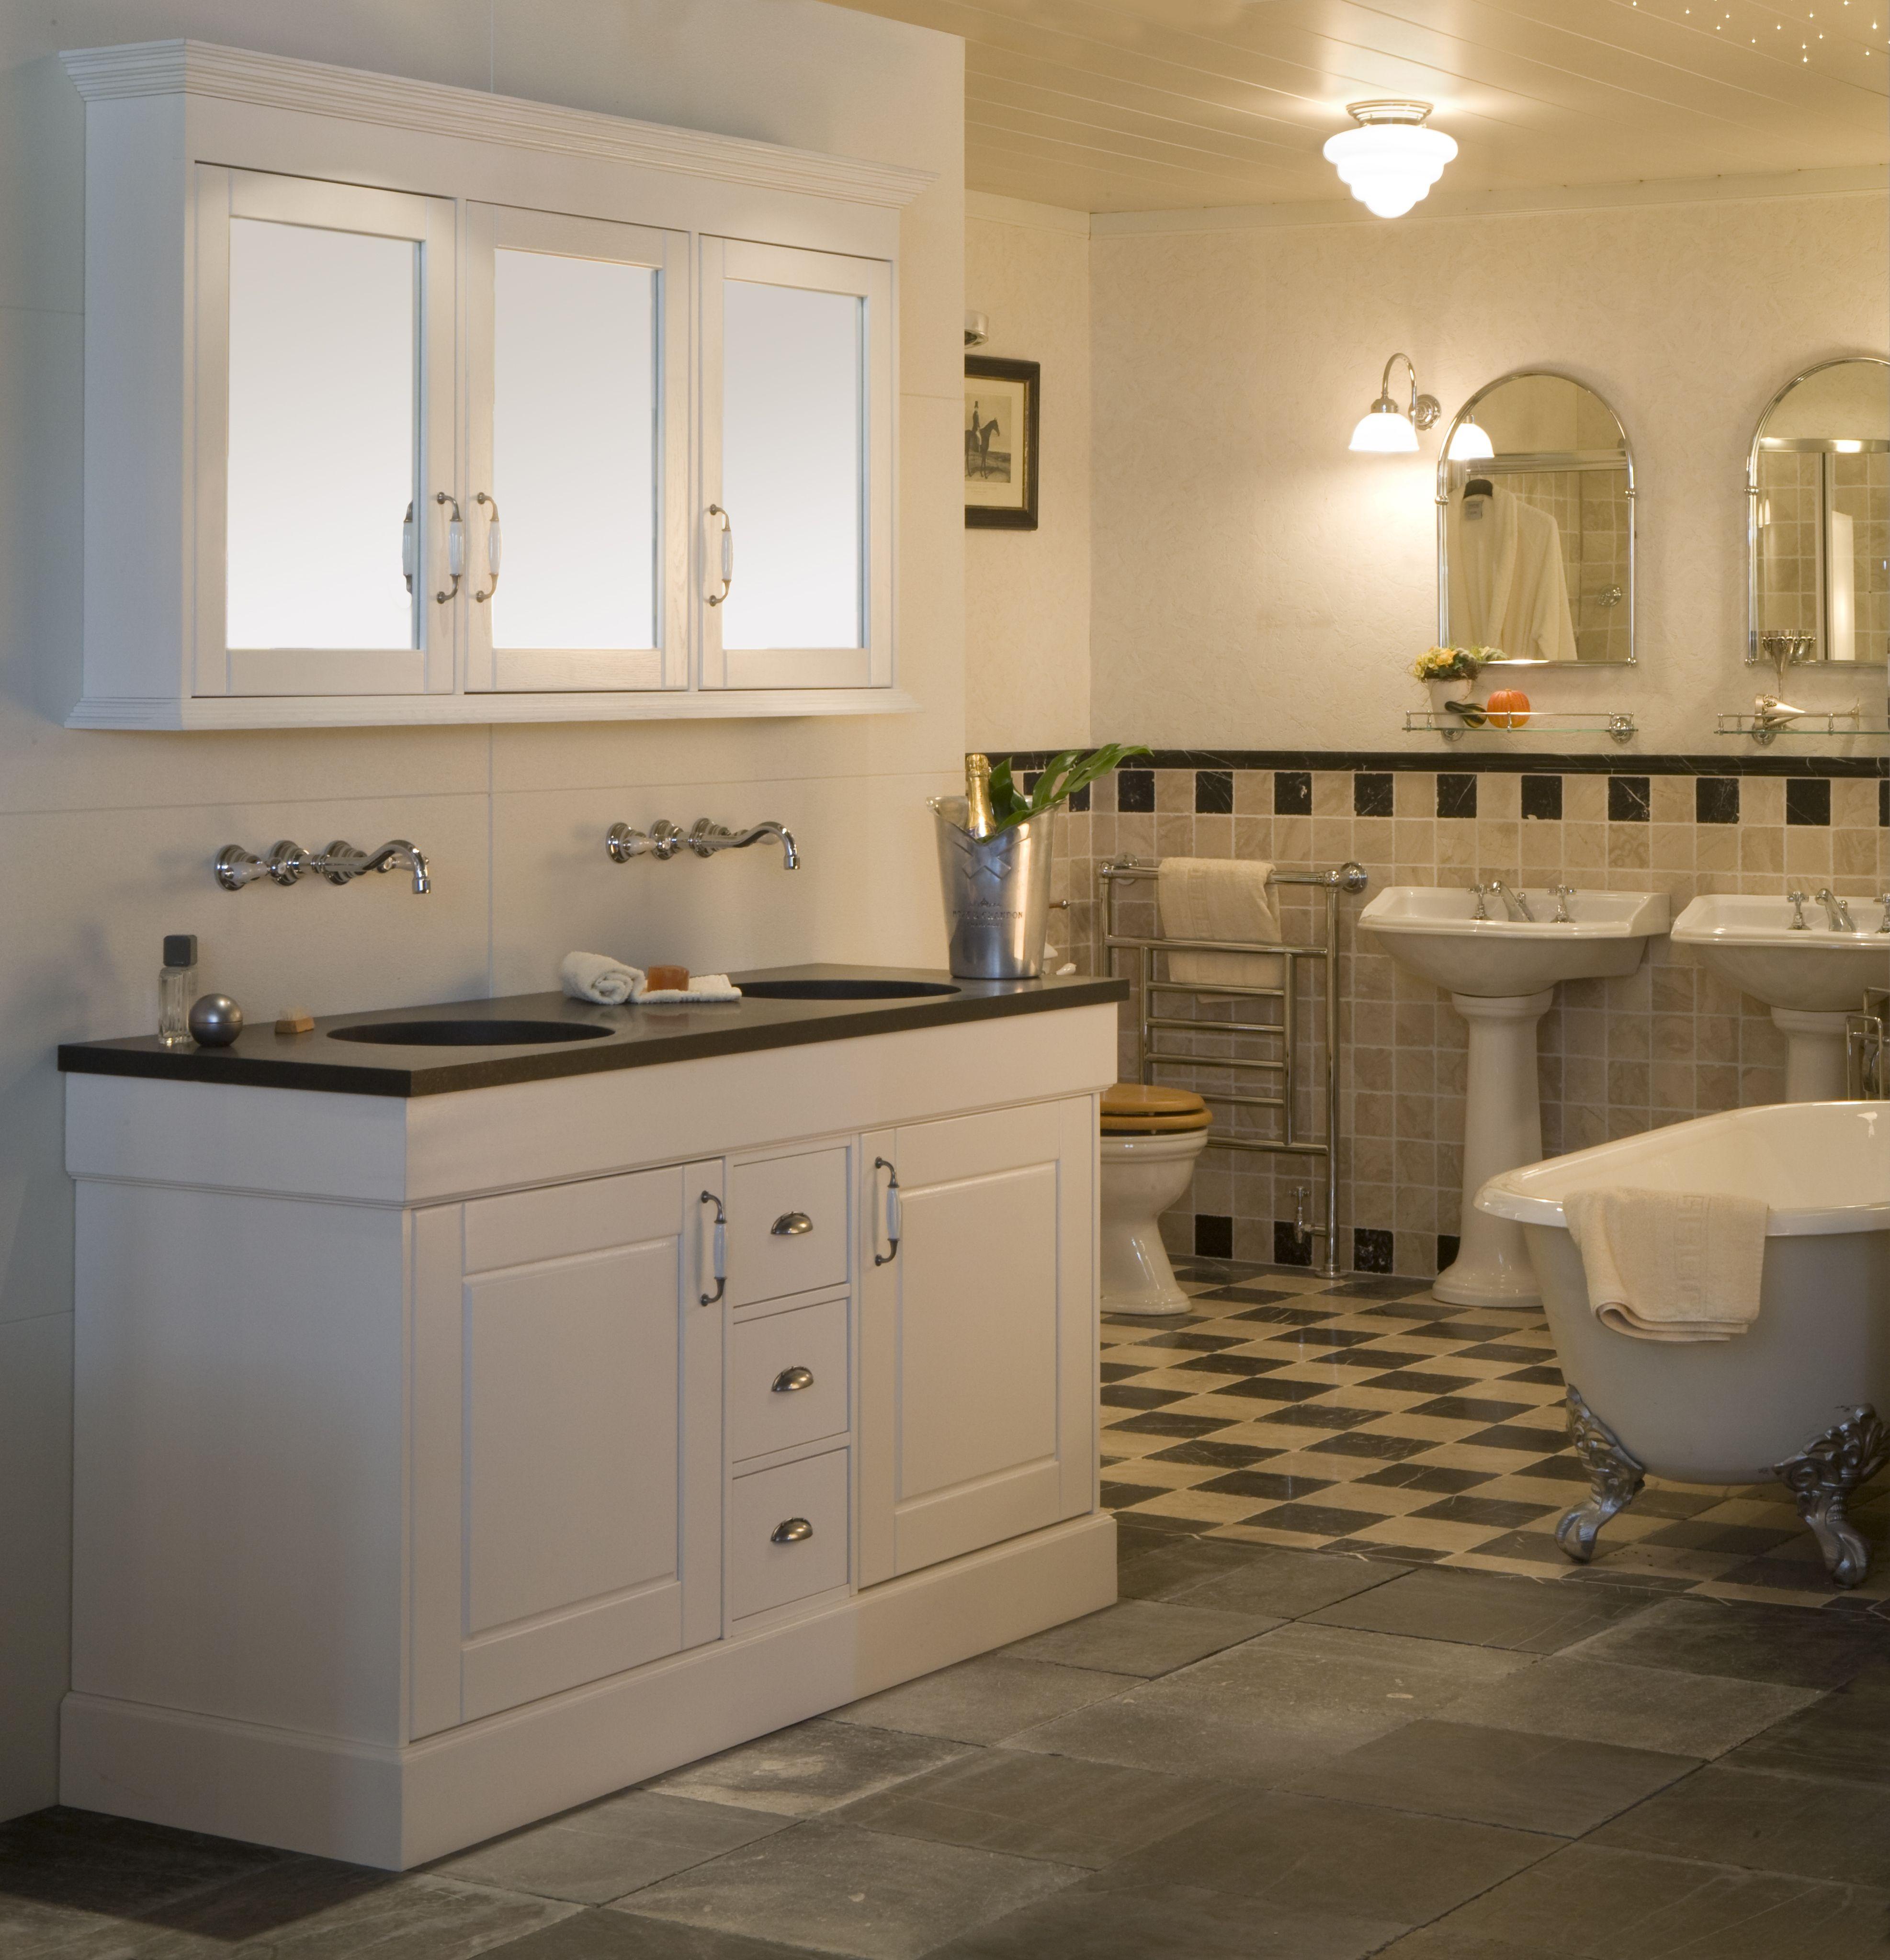 badkamers bekijk alle badkamers van bamonde op pinterest